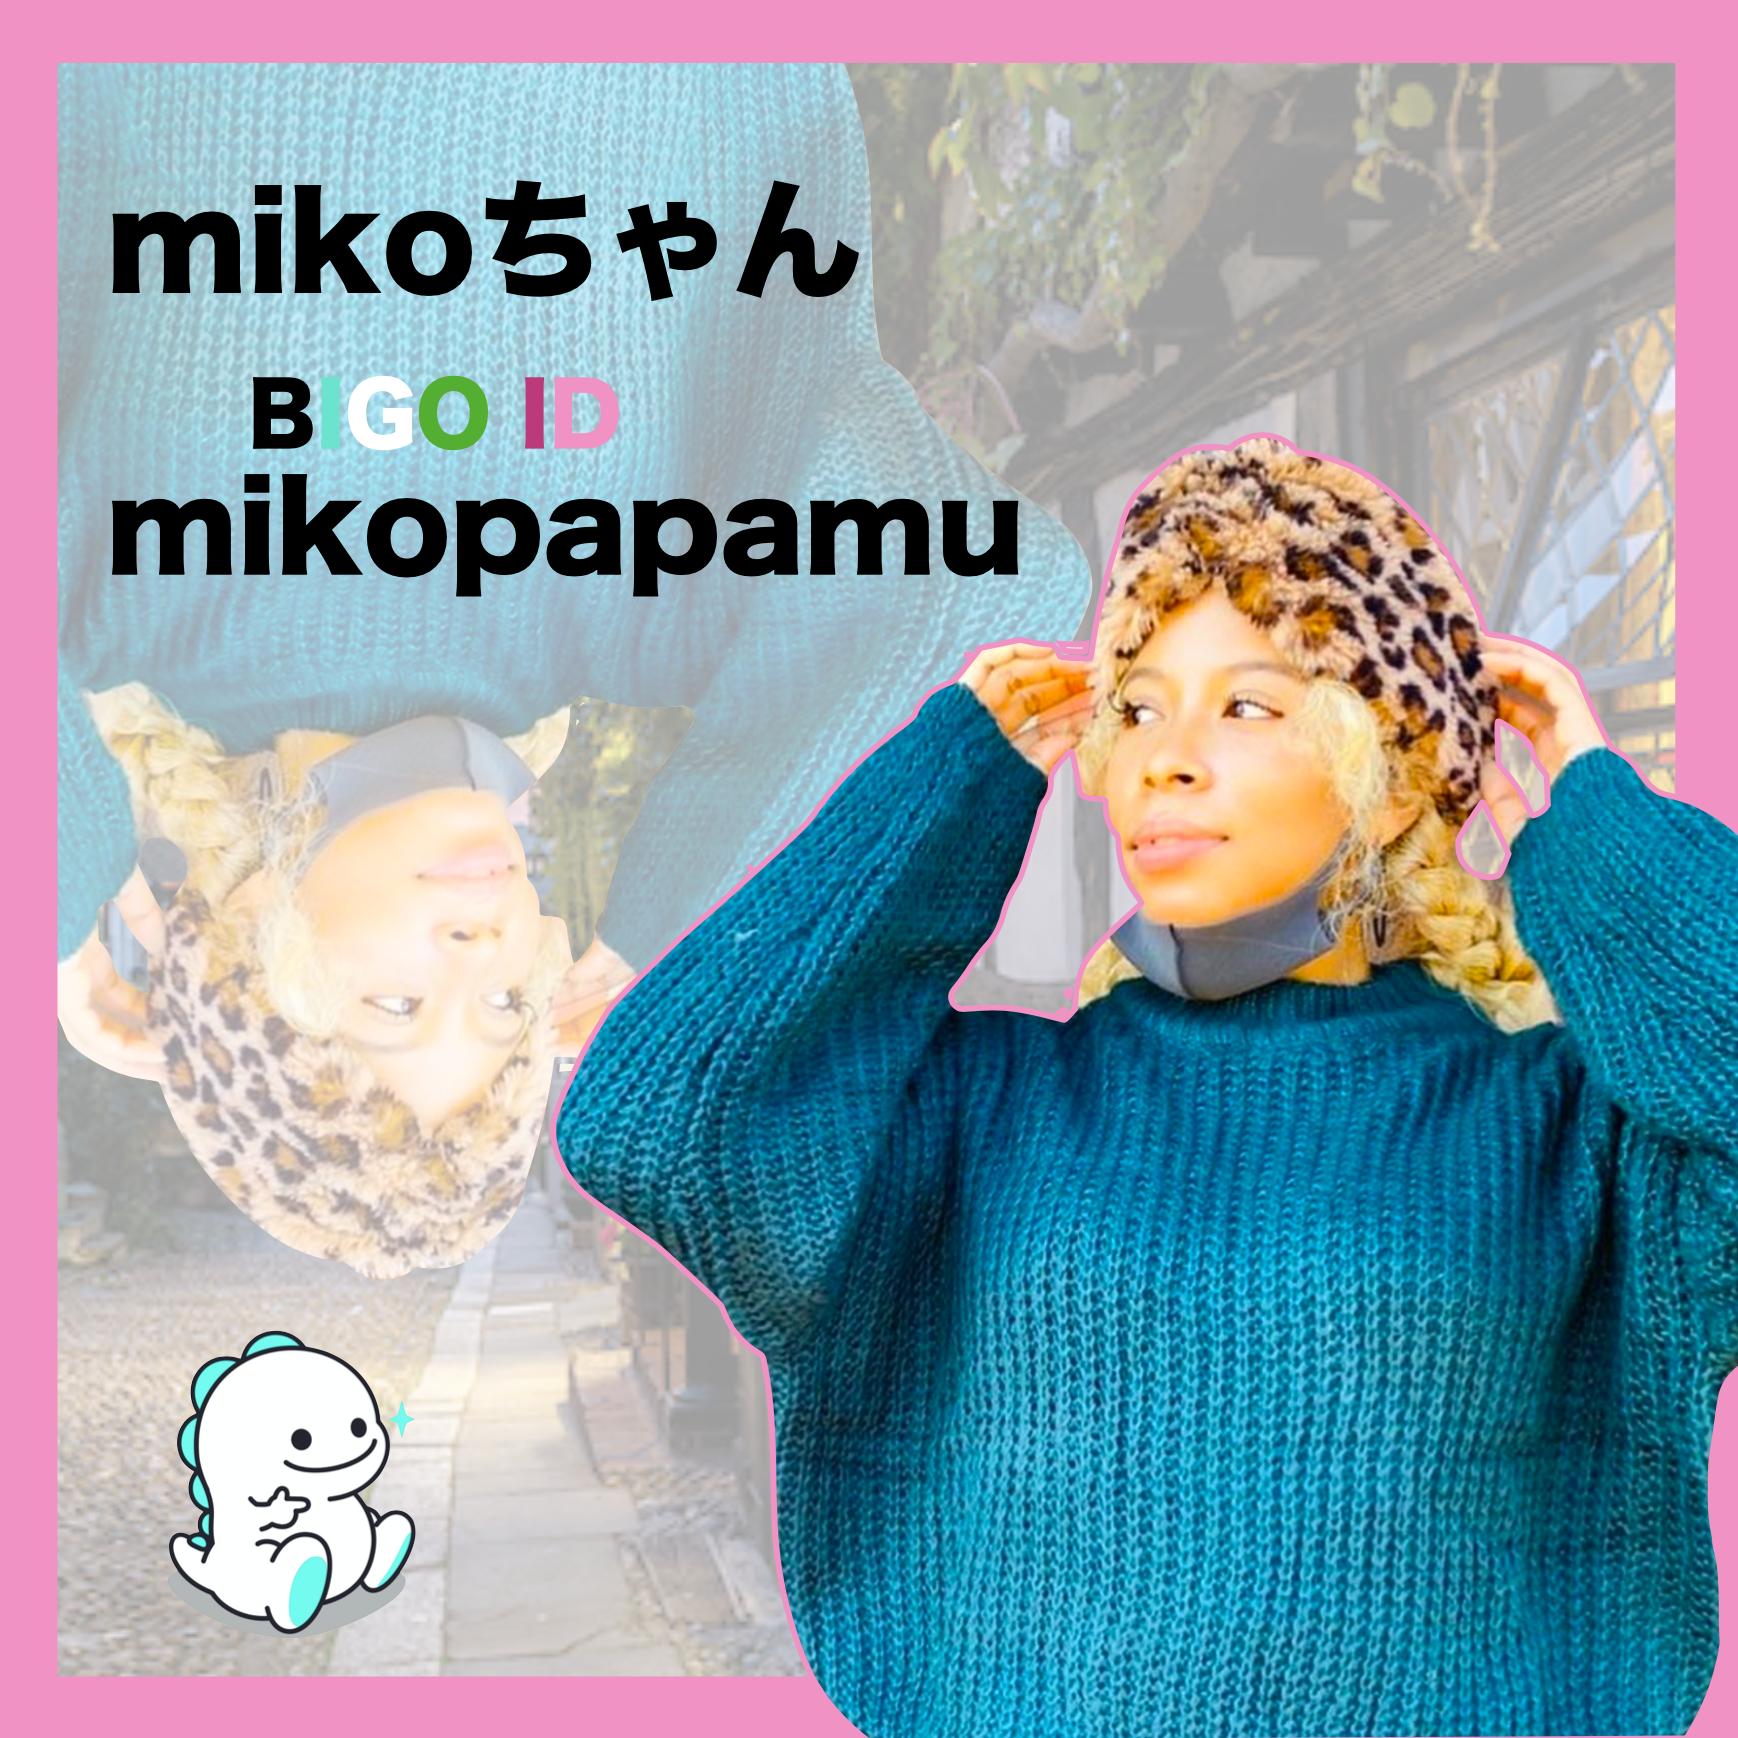 mikoちゃん